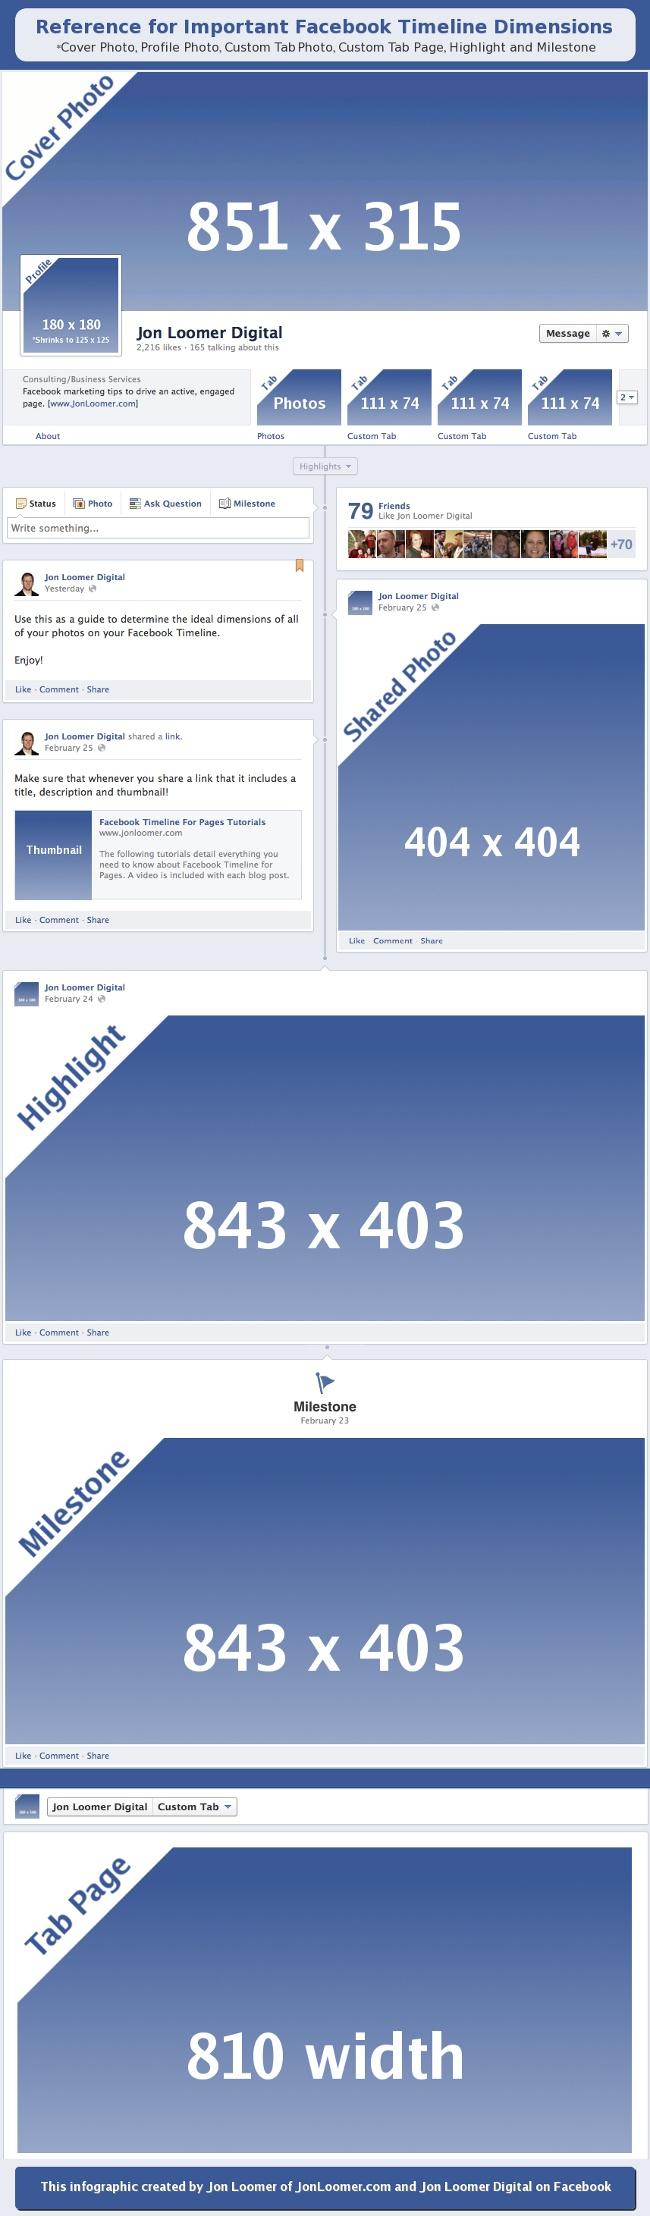 [infographie] Les dimensions pour personnaliser Facebook Timeline - #infographics